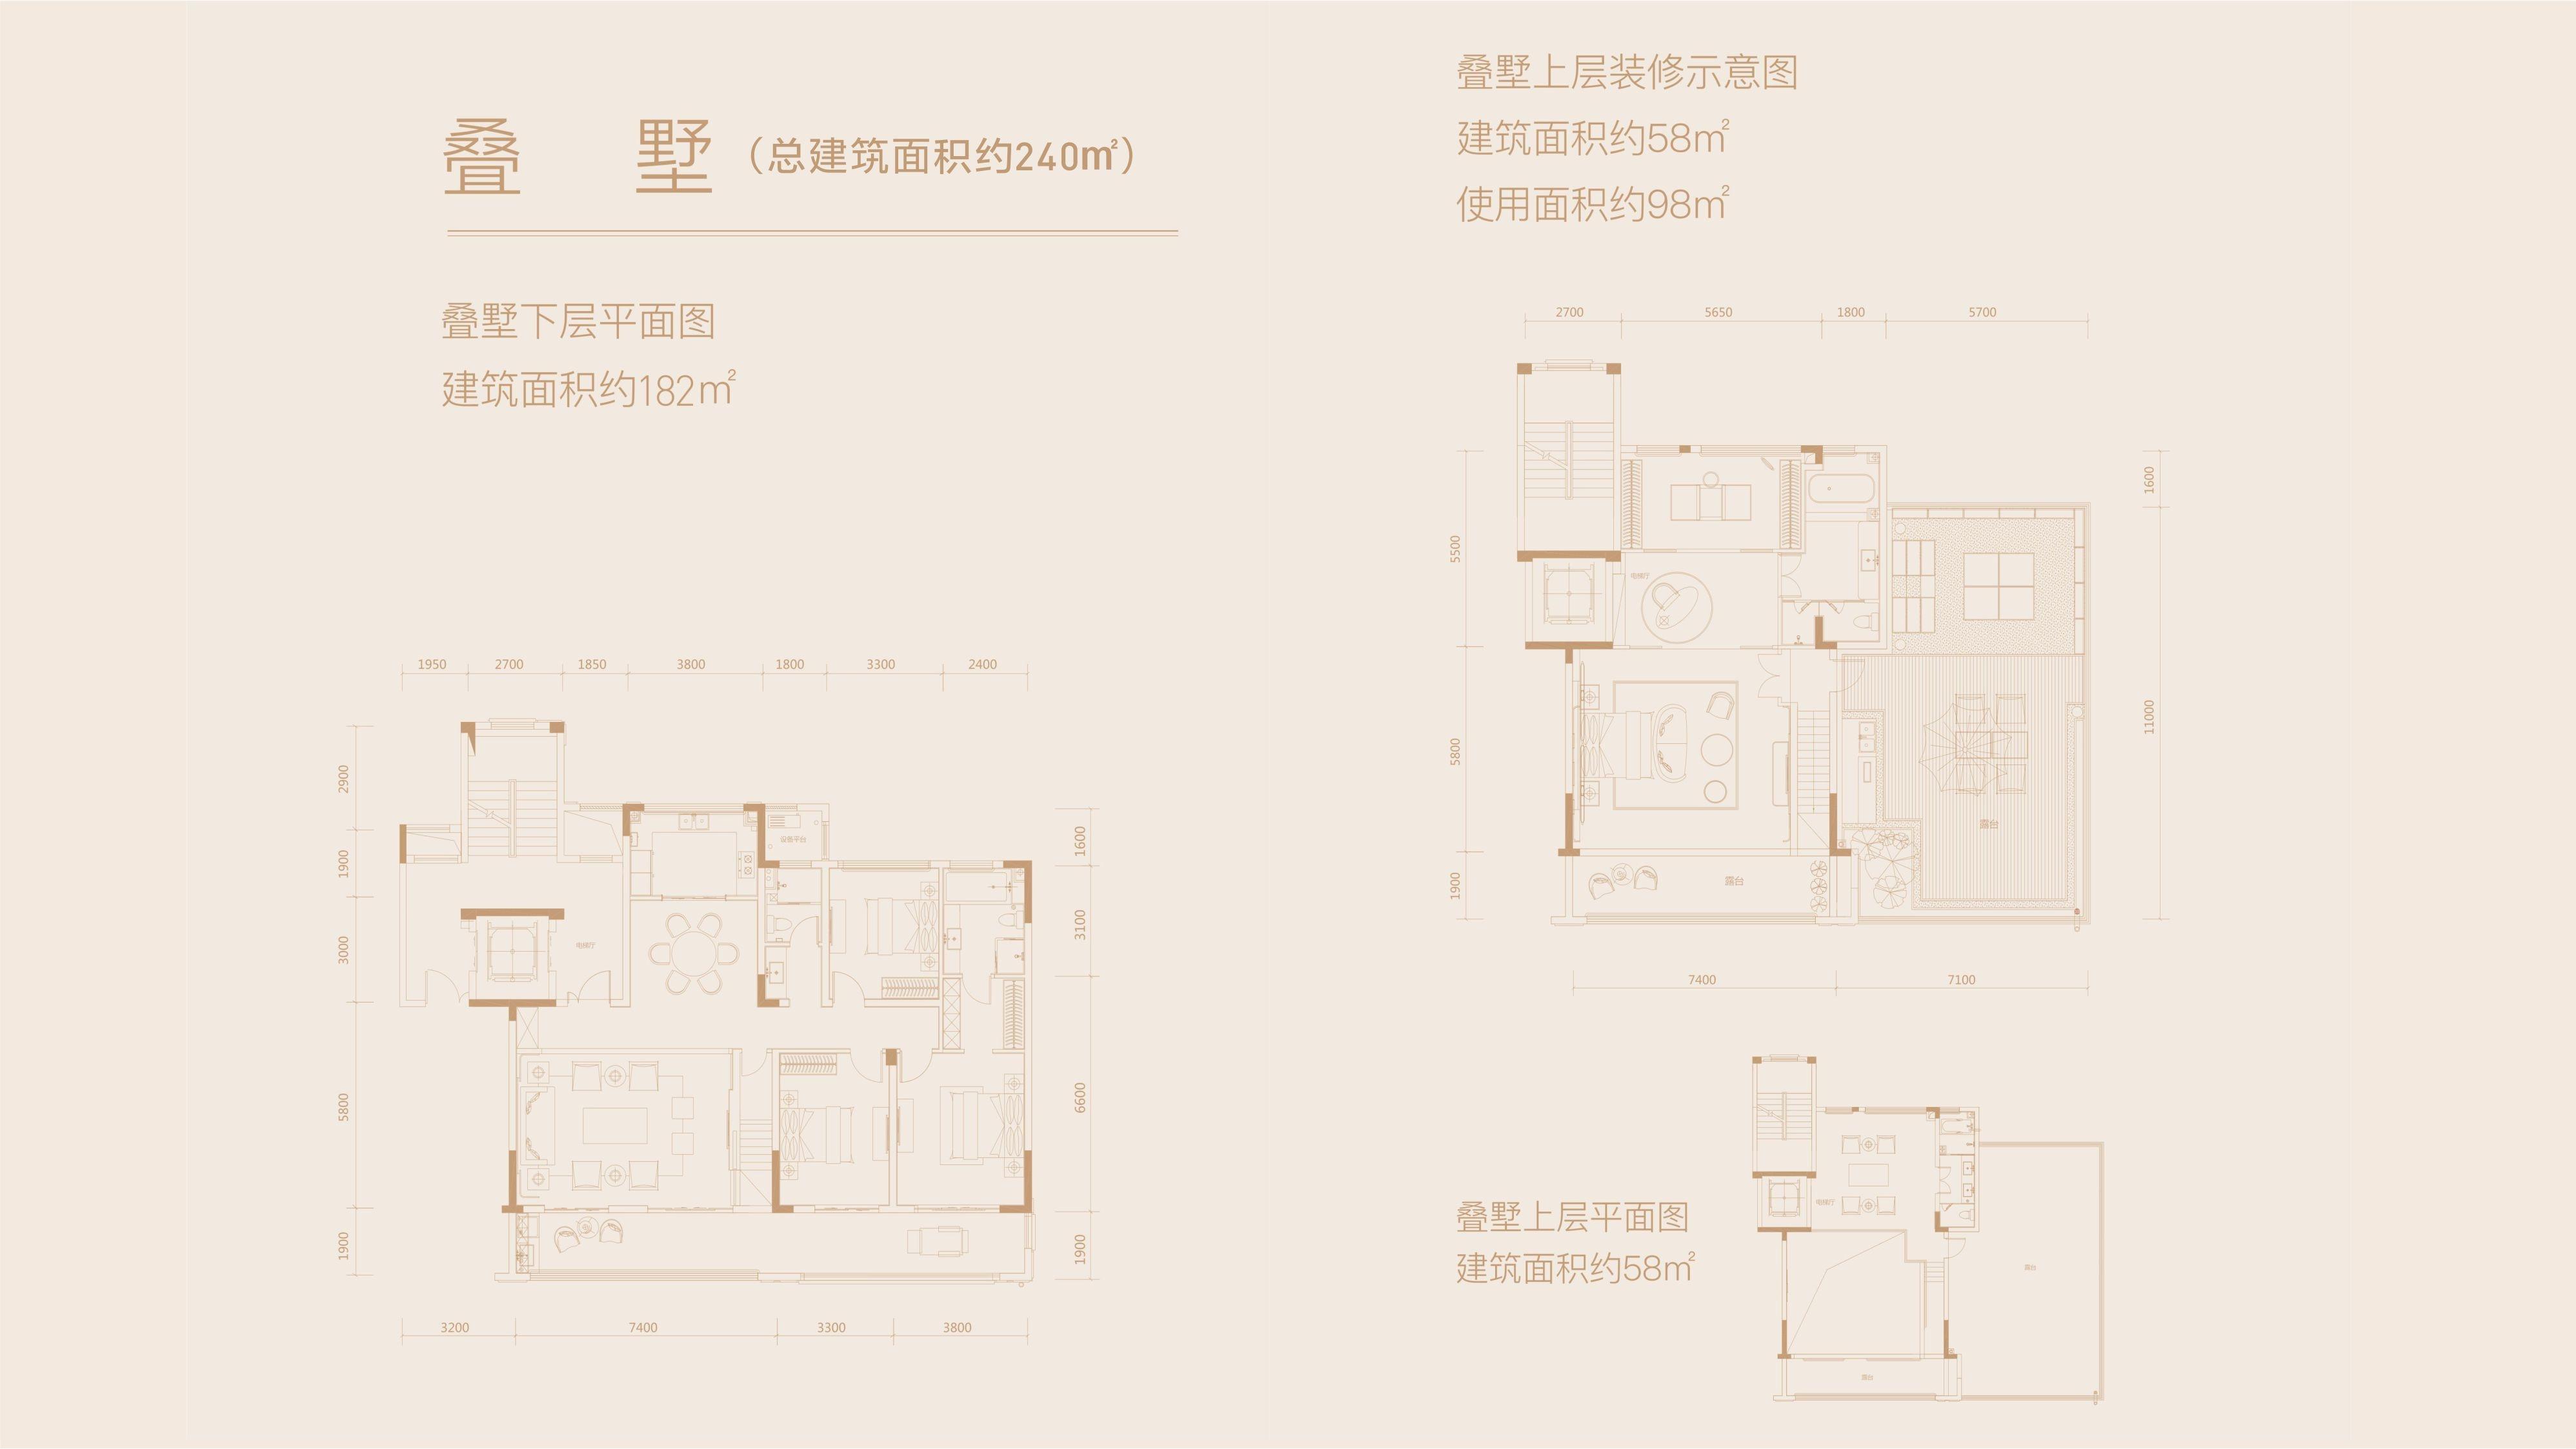 偉星玖璋臺疊墅戶型圖-240